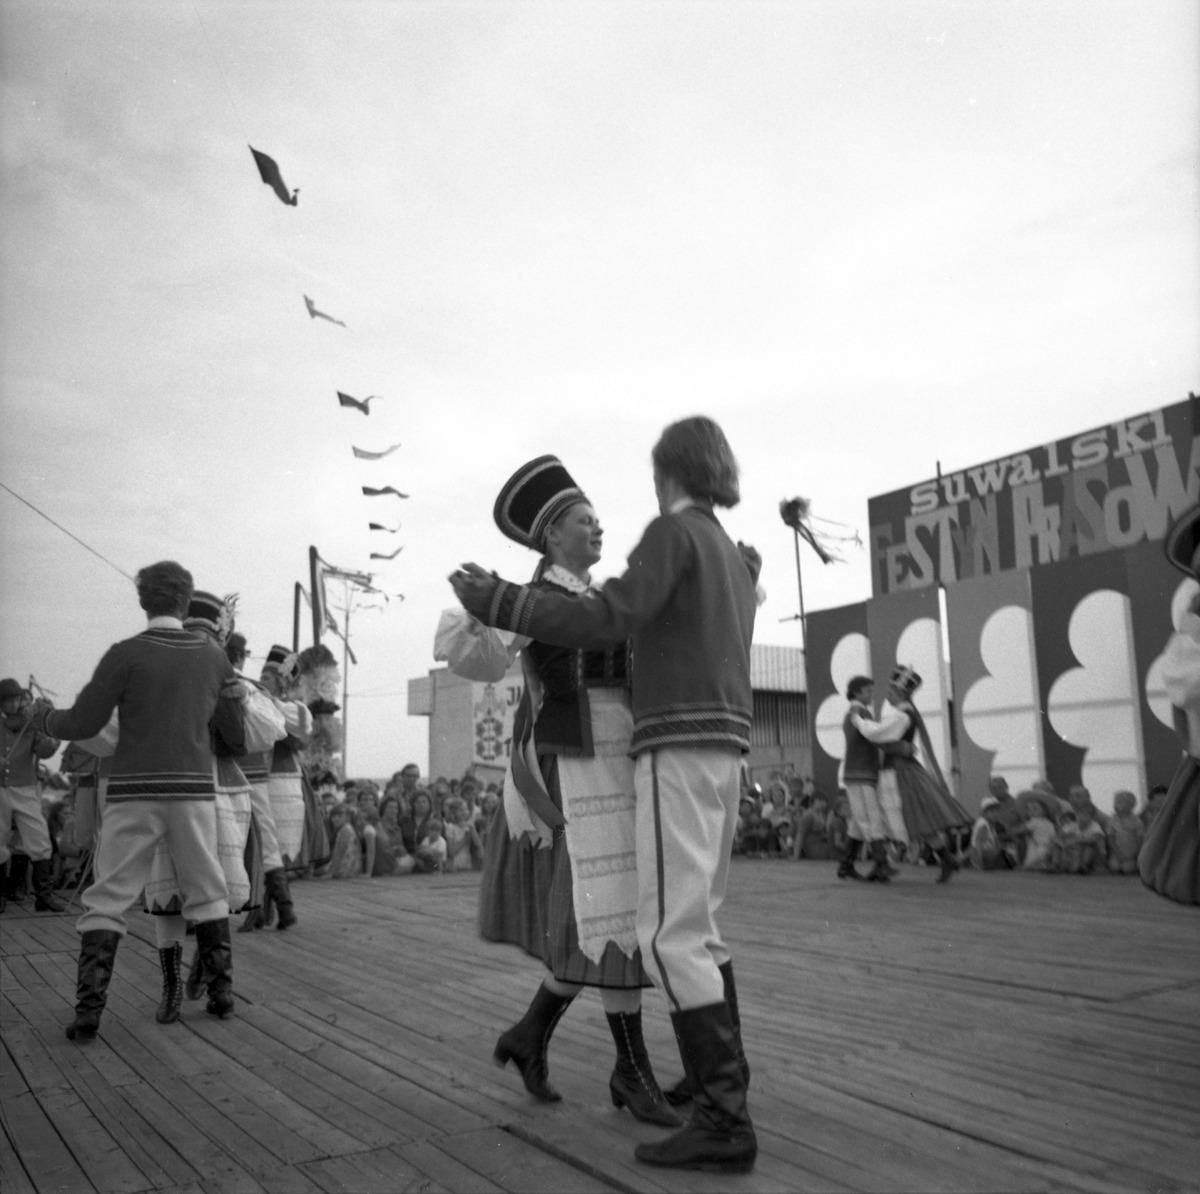 Suwalski Festyn Pasowy w Giżycku, 1976 r. [6]